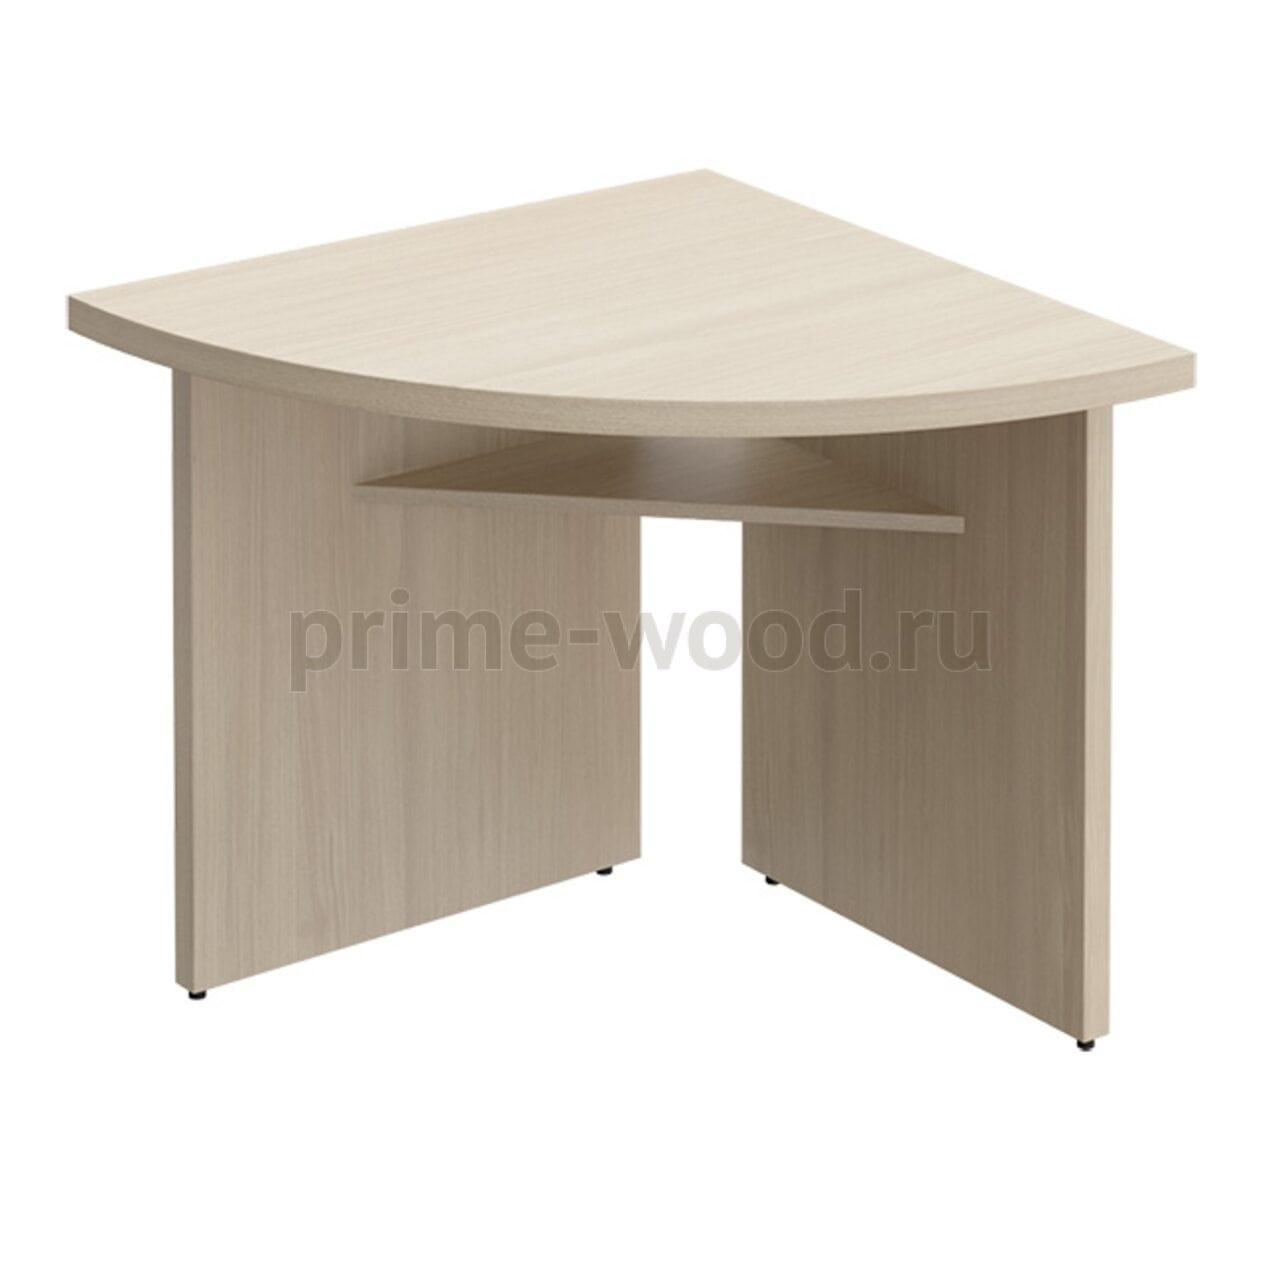 Секция стола переговоров угловая БОРН LT 80x80x75 - фото 1